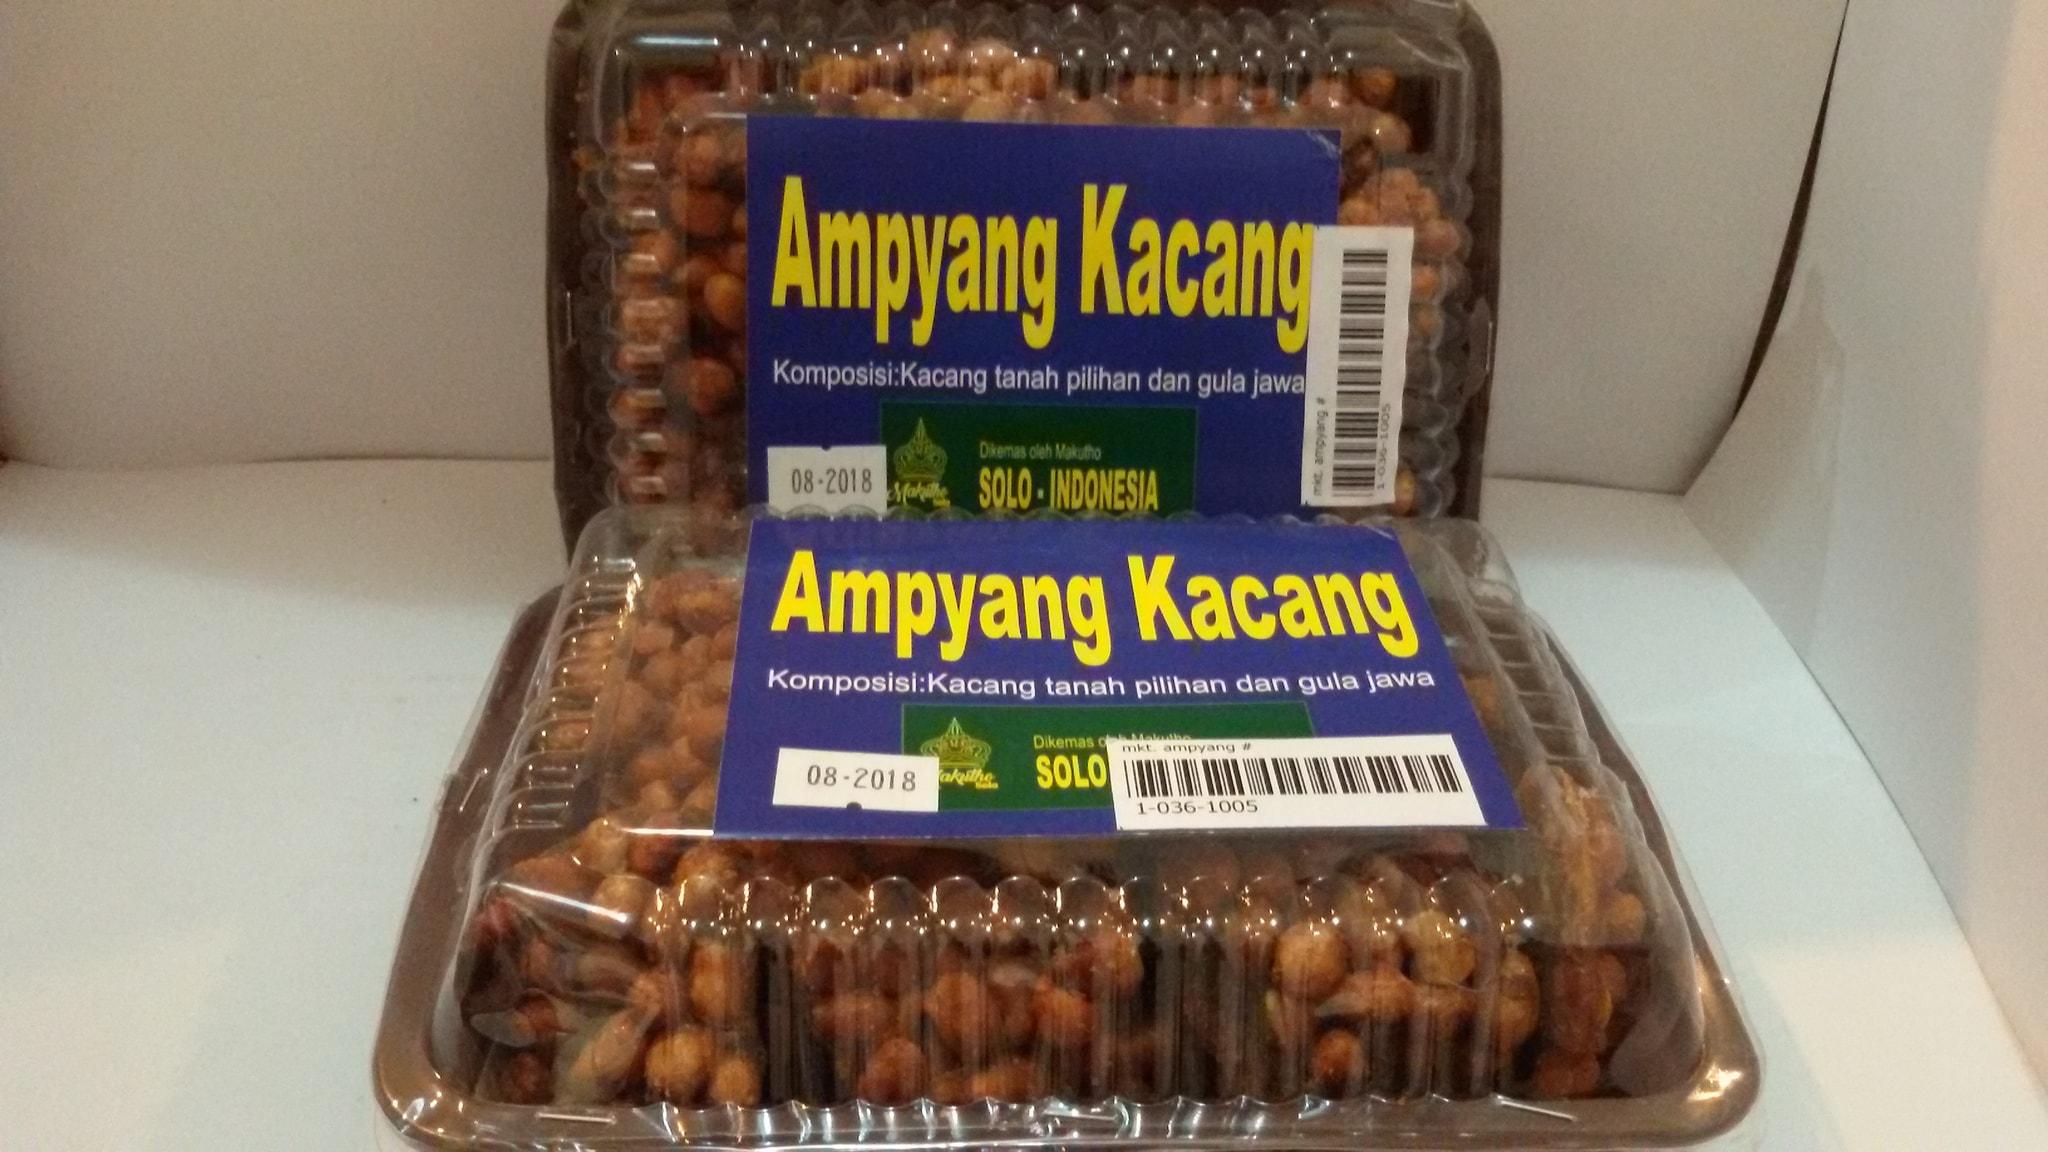 Jual Produk Ukm Ampyang Kacang Bumn Car Charger 2 Usb